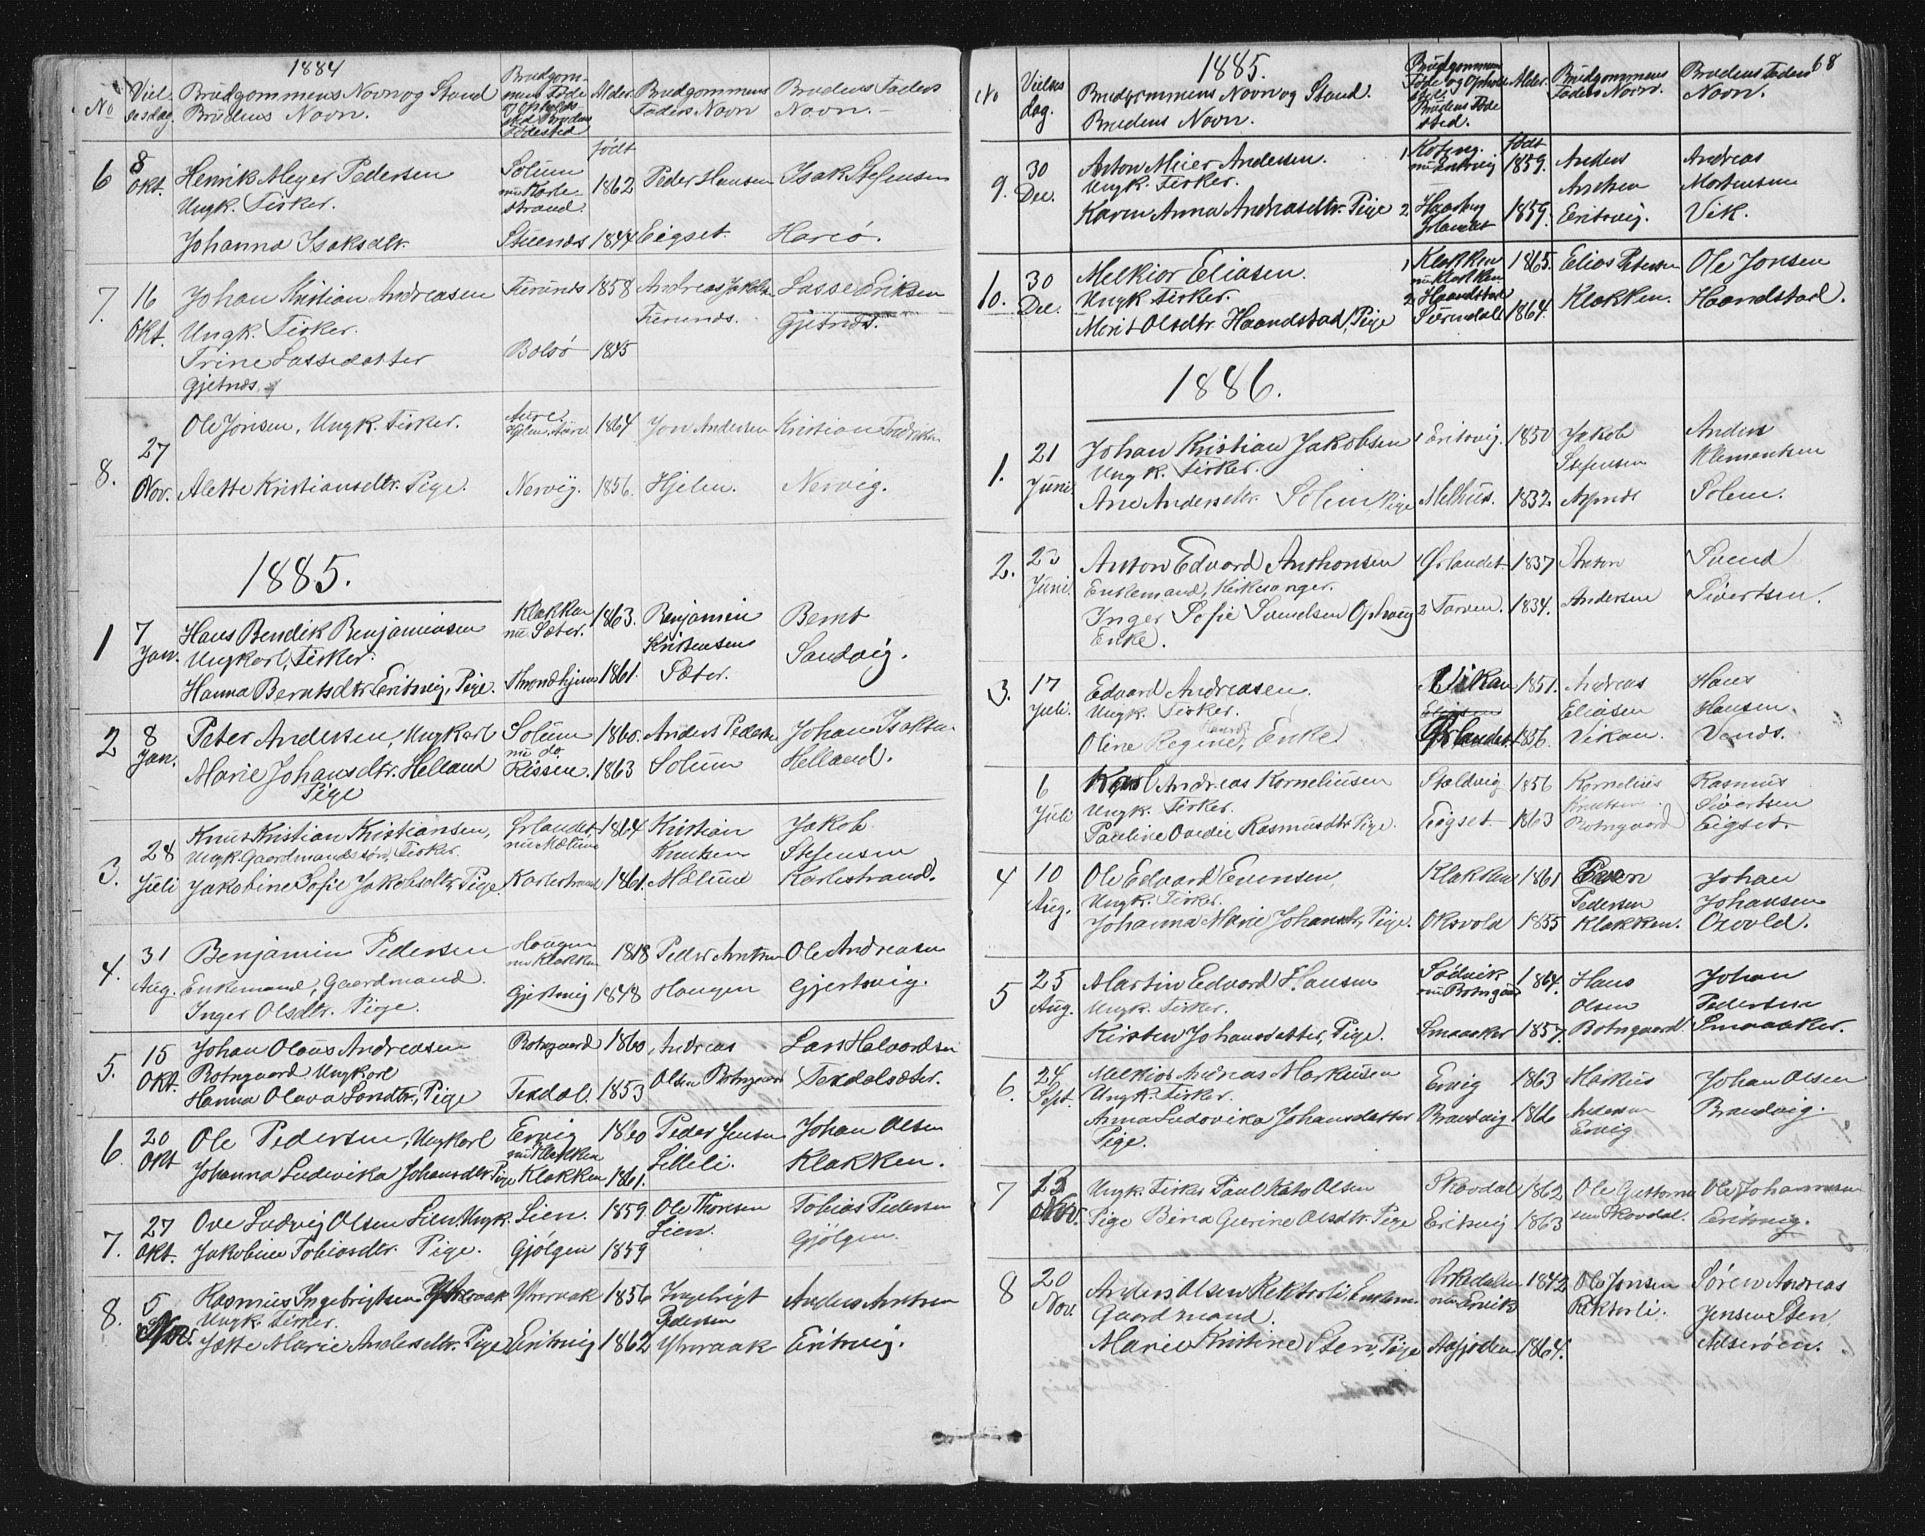 SAT, Ministerialprotokoller, klokkerbøker og fødselsregistre - Sør-Trøndelag, 651/L0647: Klokkerbok nr. 651C01, 1866-1914, s. 68